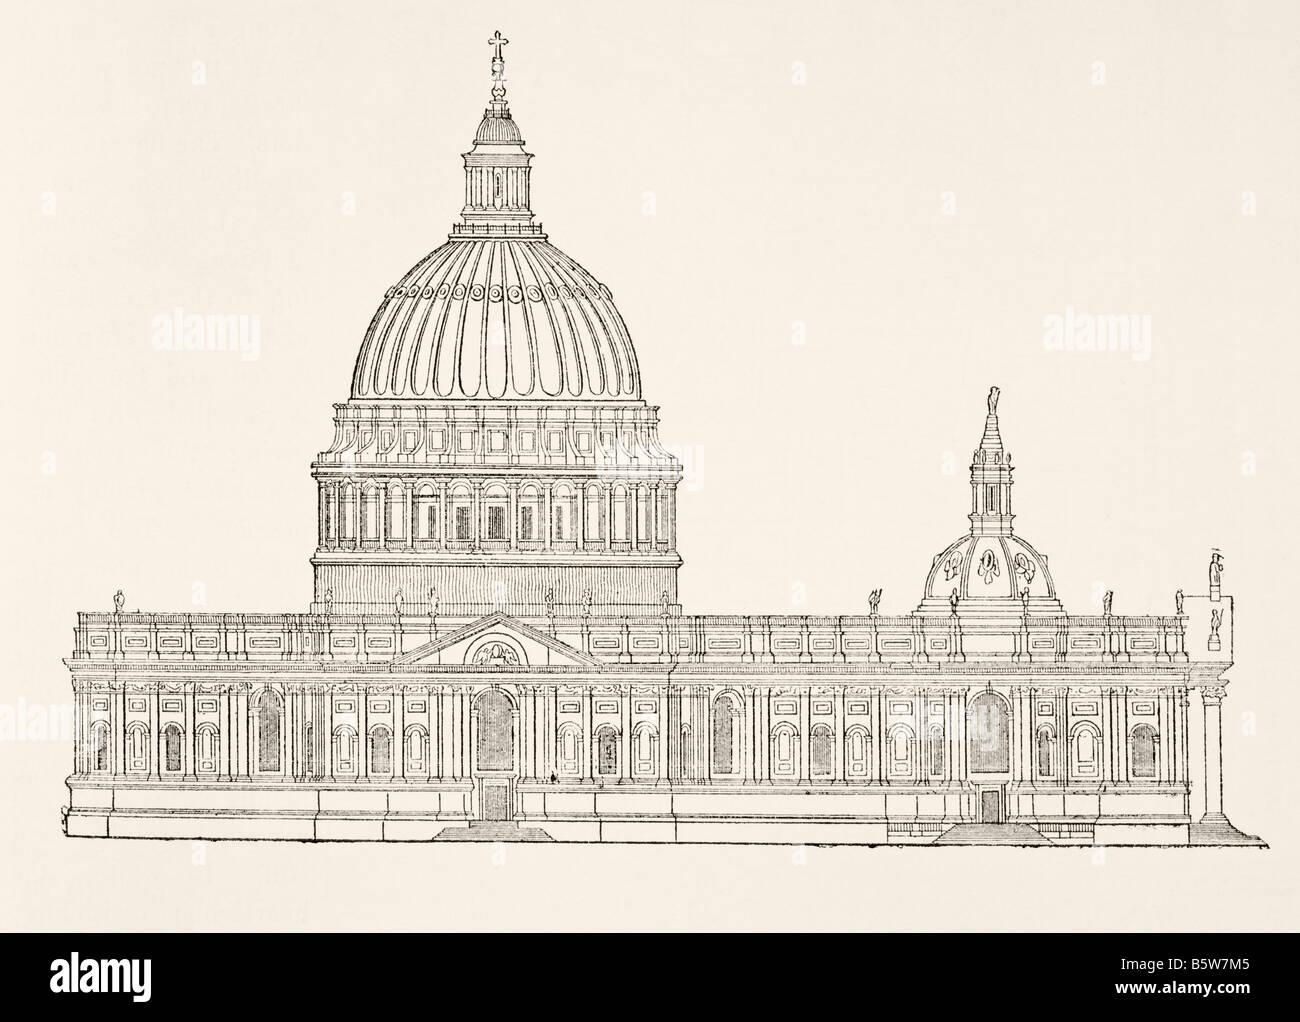 Christopher Wren s primeiro projeto da nova Catedral de São Paulo após o Grande Incêndio de Londres Imagens de Stock